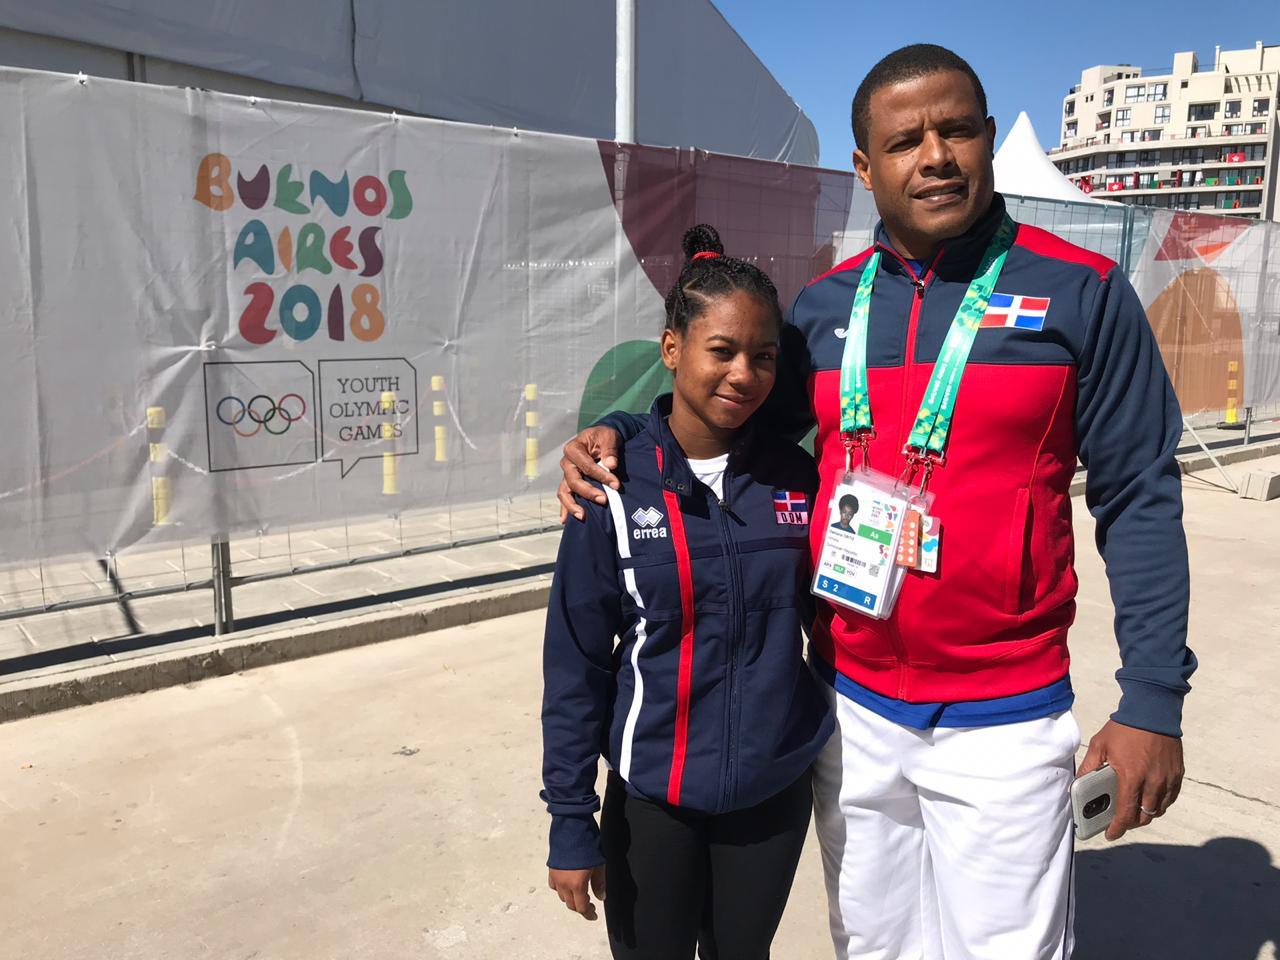 Pesista Ortiz termina cuarta; Hardt triunfa en dobles Juegos Juventud